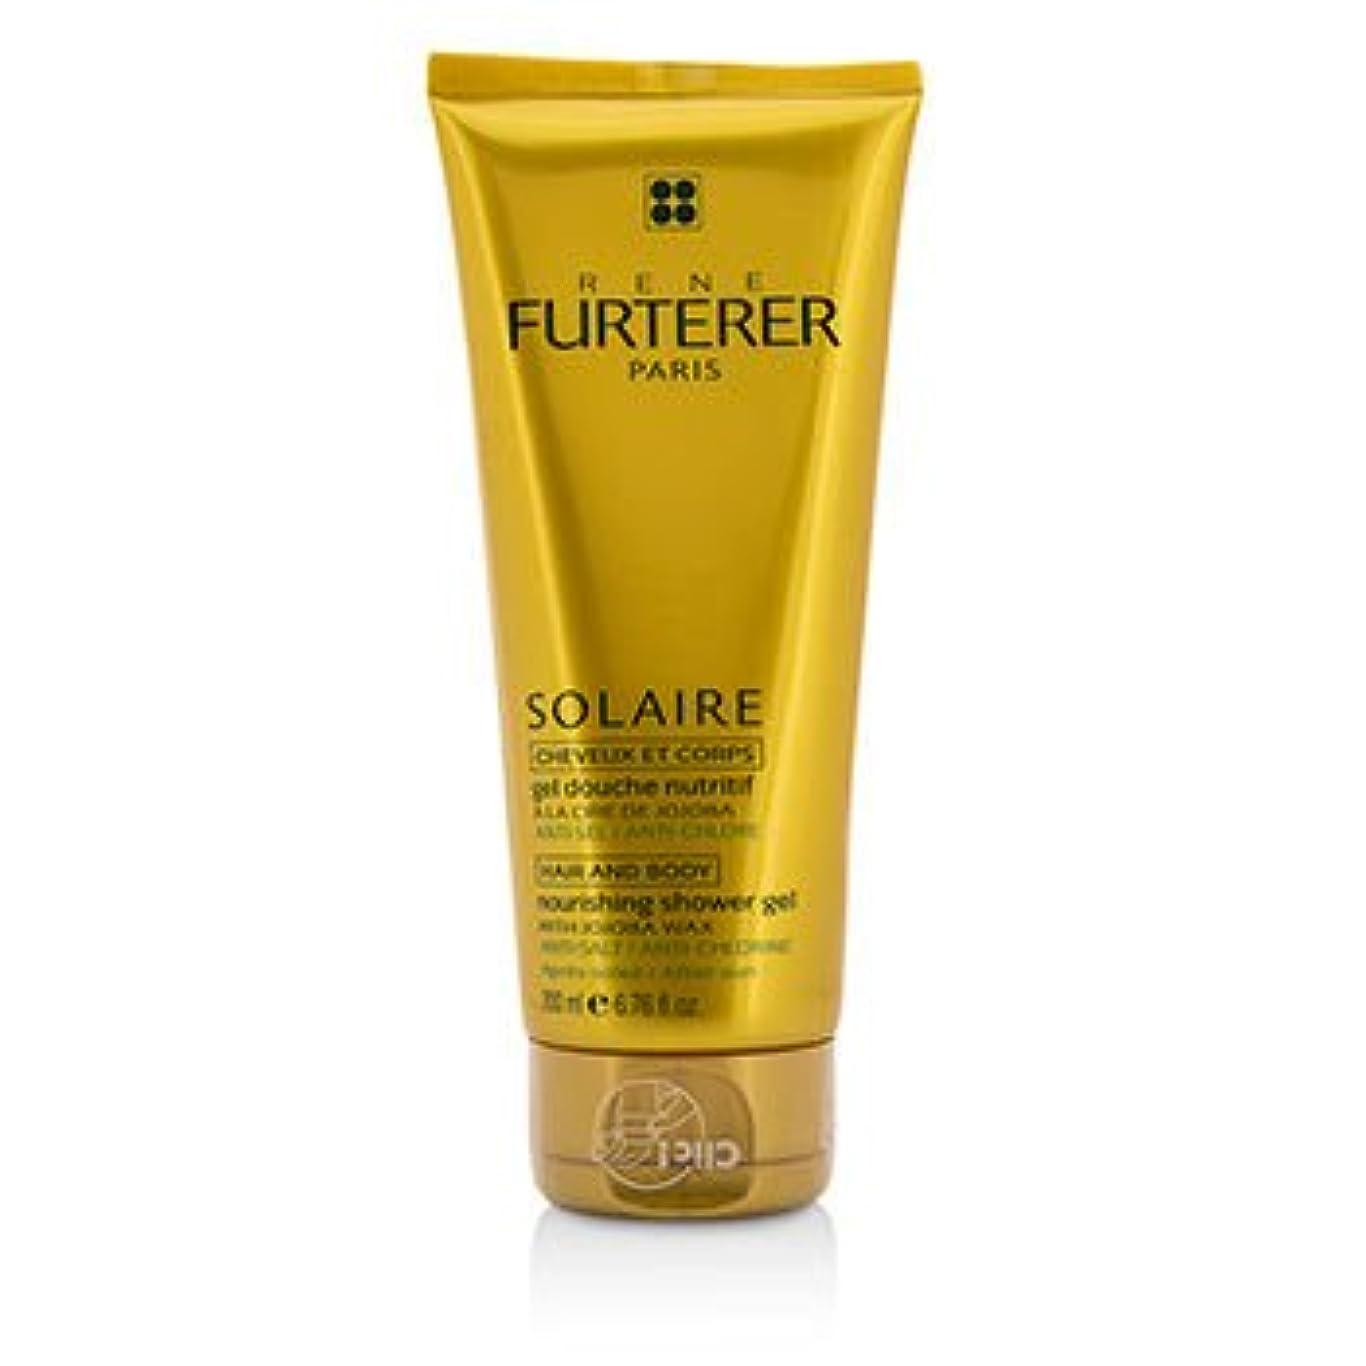 タイマー一時解雇する穀物[Rene Furterer] Solaire Nourishing Shower Gel with Jojoba Wax (Hair and Body) 200ml/6.76oz